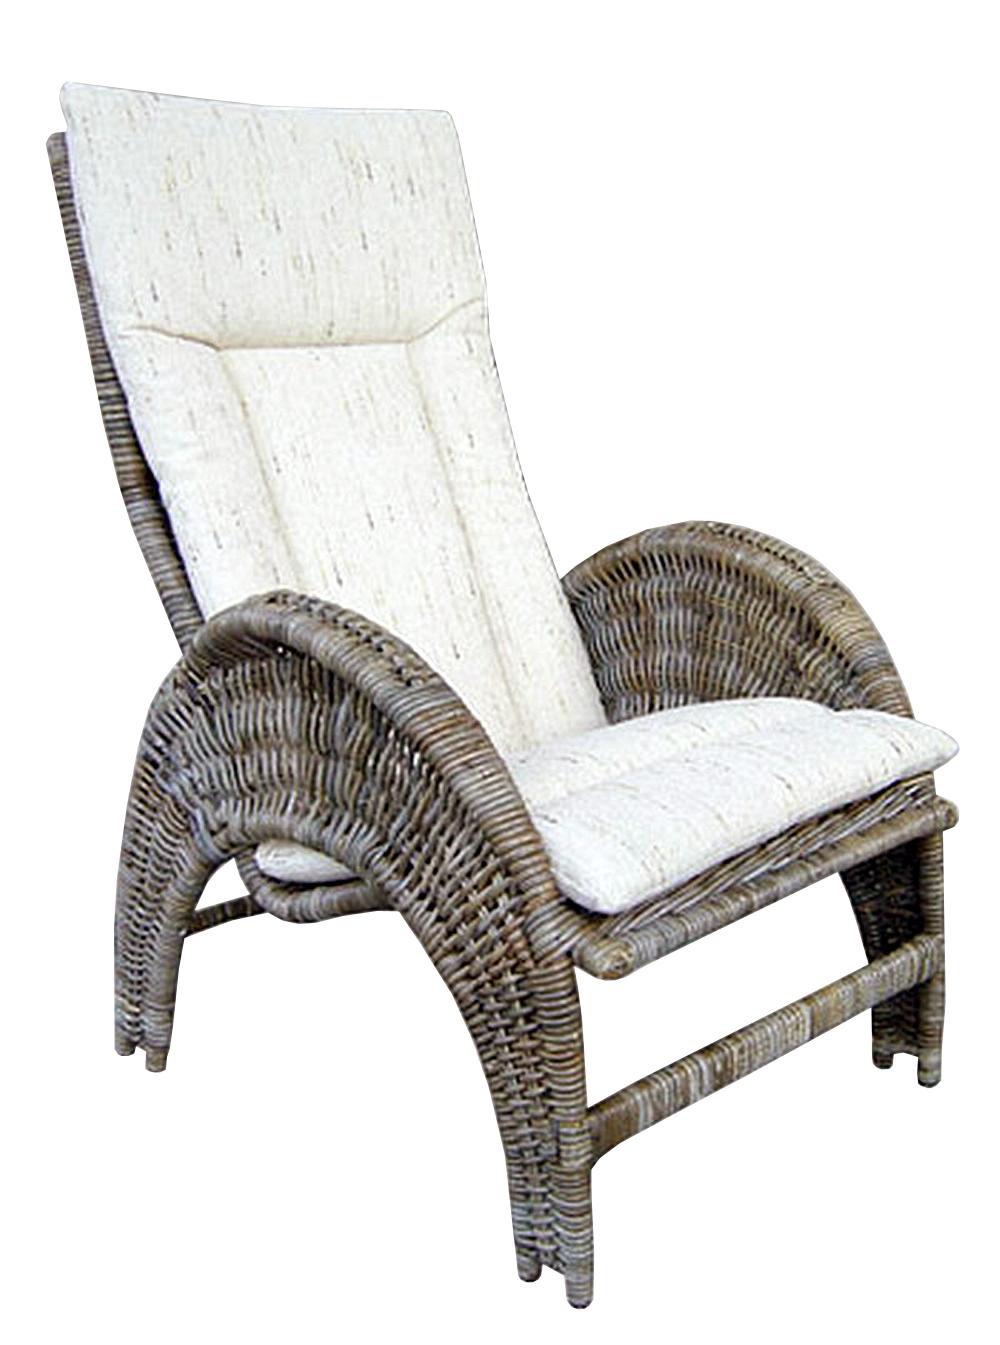 De rieten rotan manou stoel en lloyd loom meubelen site van nederland - Woonkamer rotan voor veranda ...